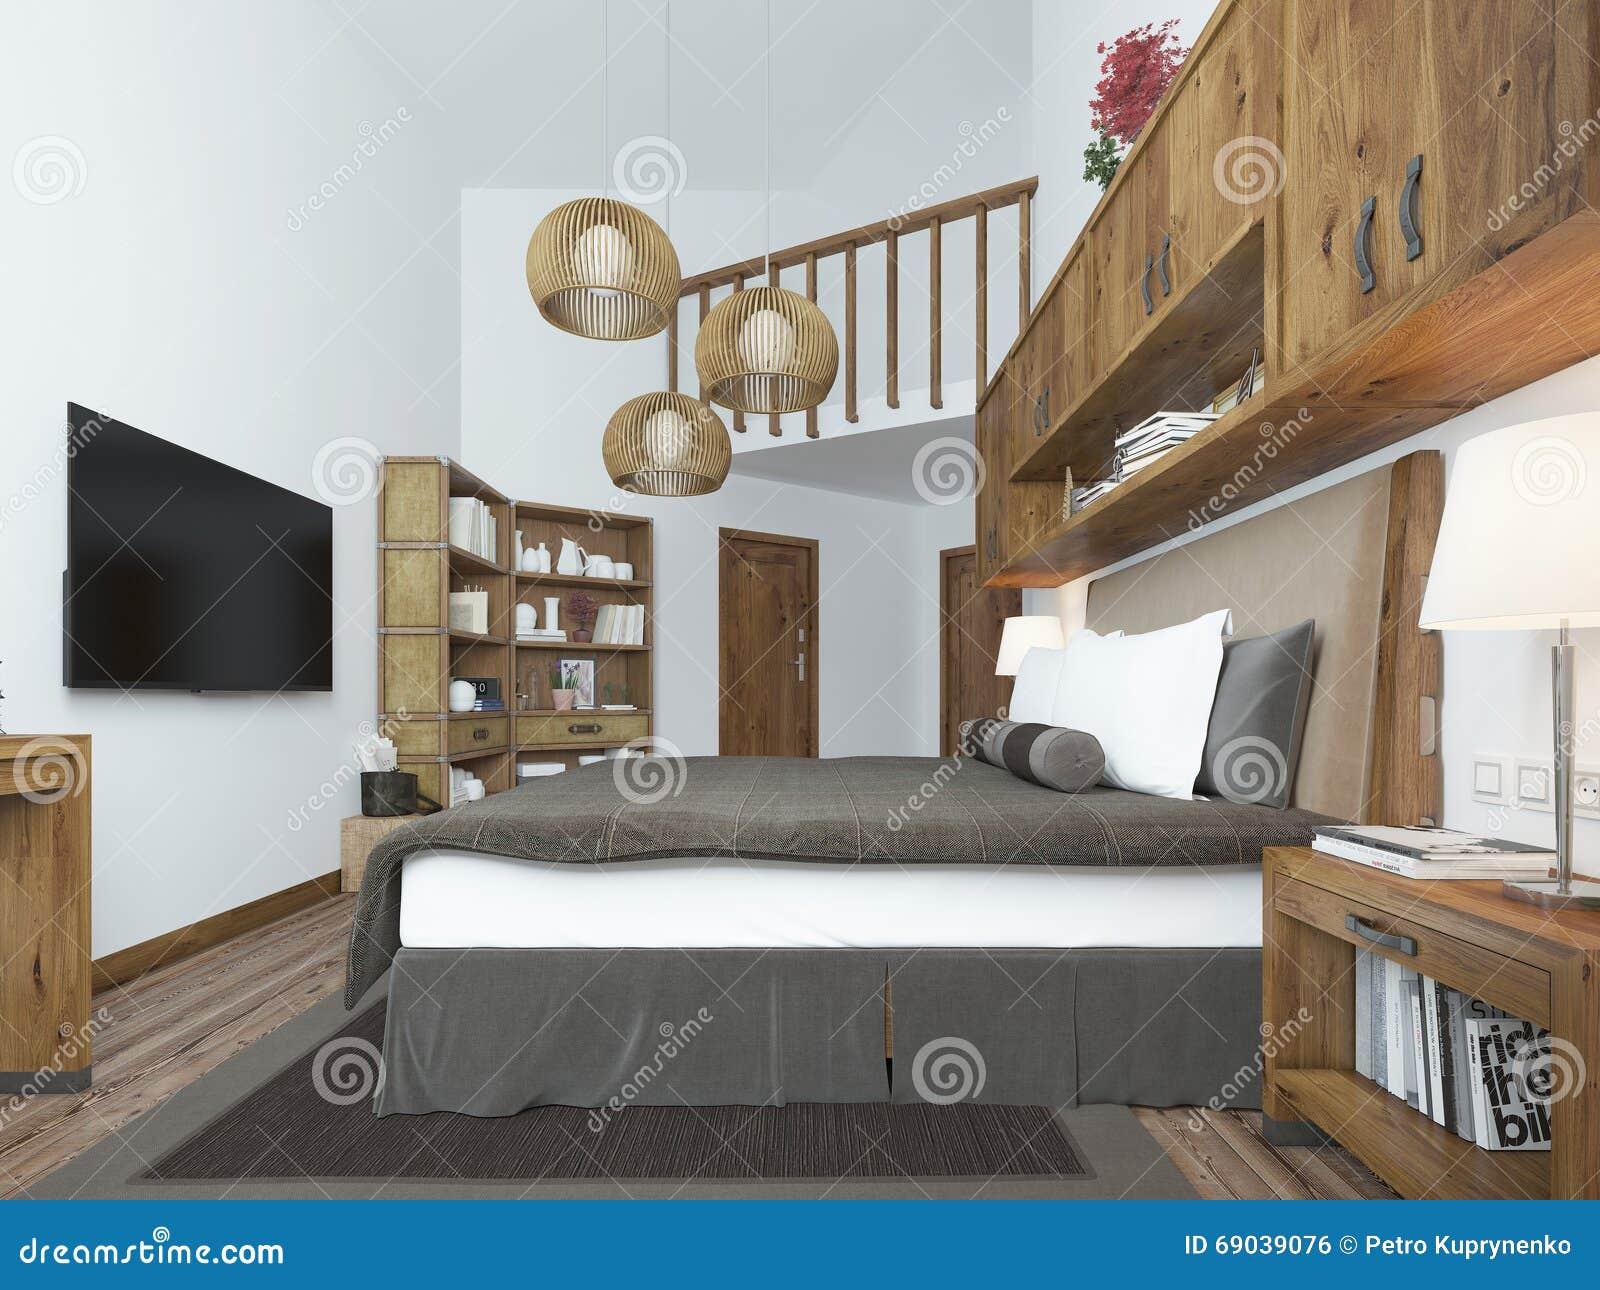 Grande camera da letto nello stile moderno con gli elementi di un sottotetto rustico fotografia - Camera da letto grande ...